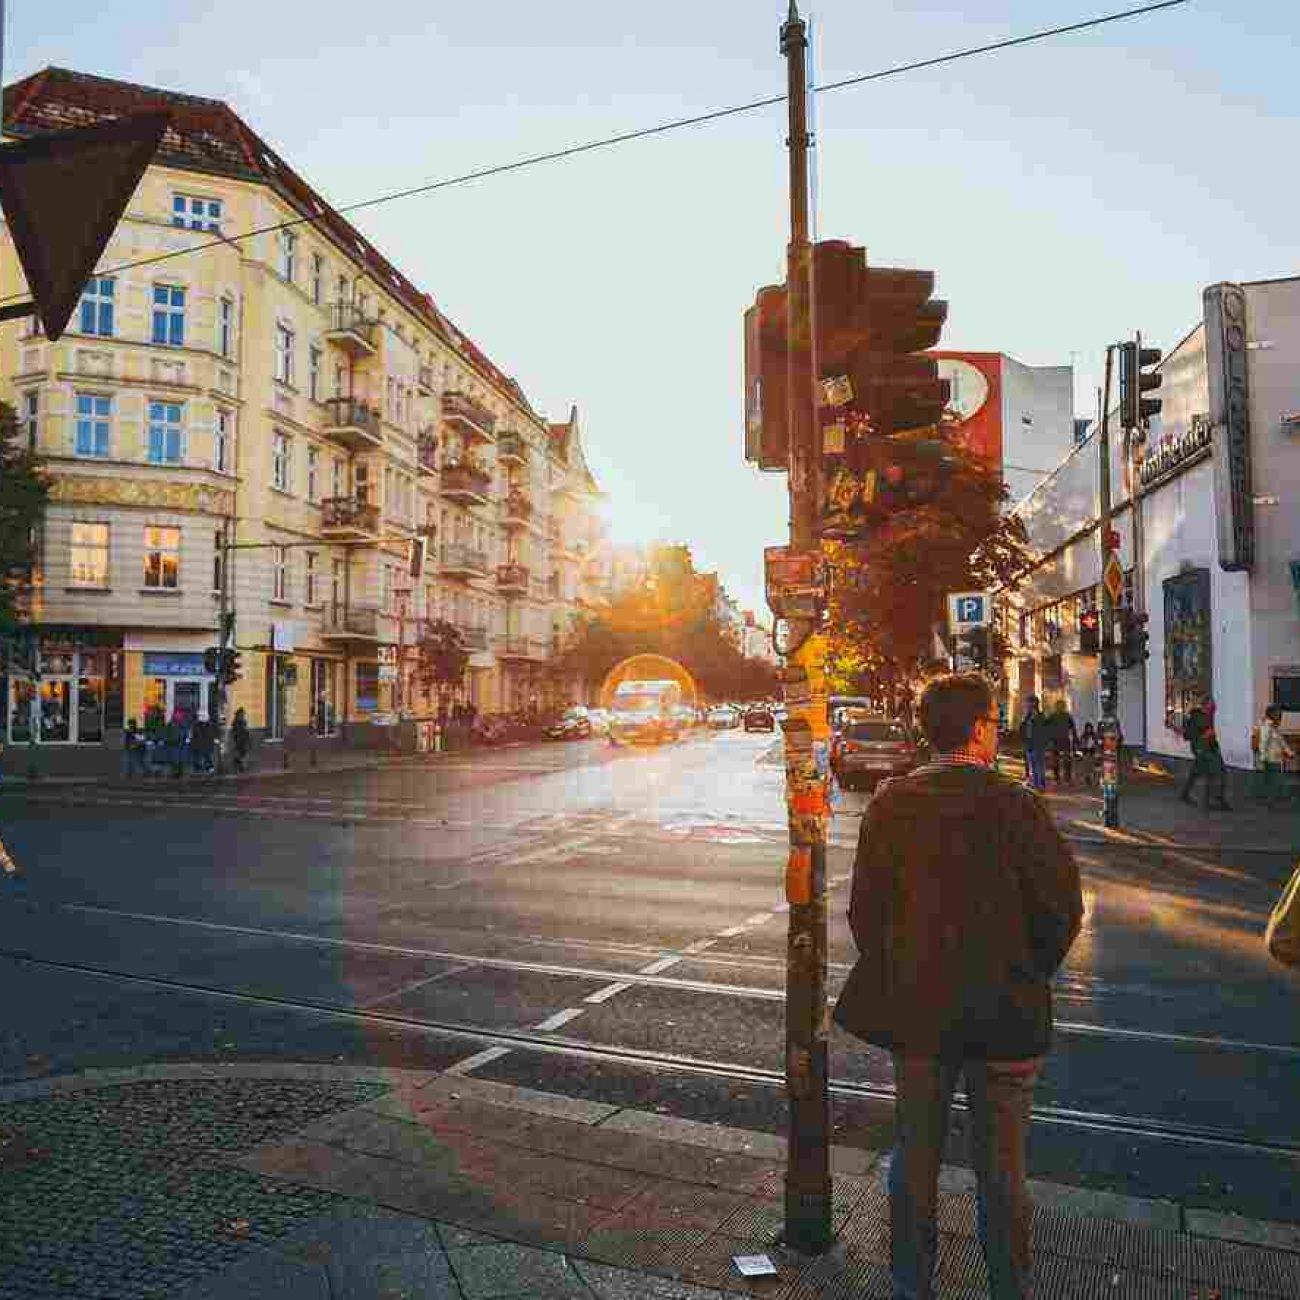 Kosten tijdens een stage in duitsland in de stad berlijn